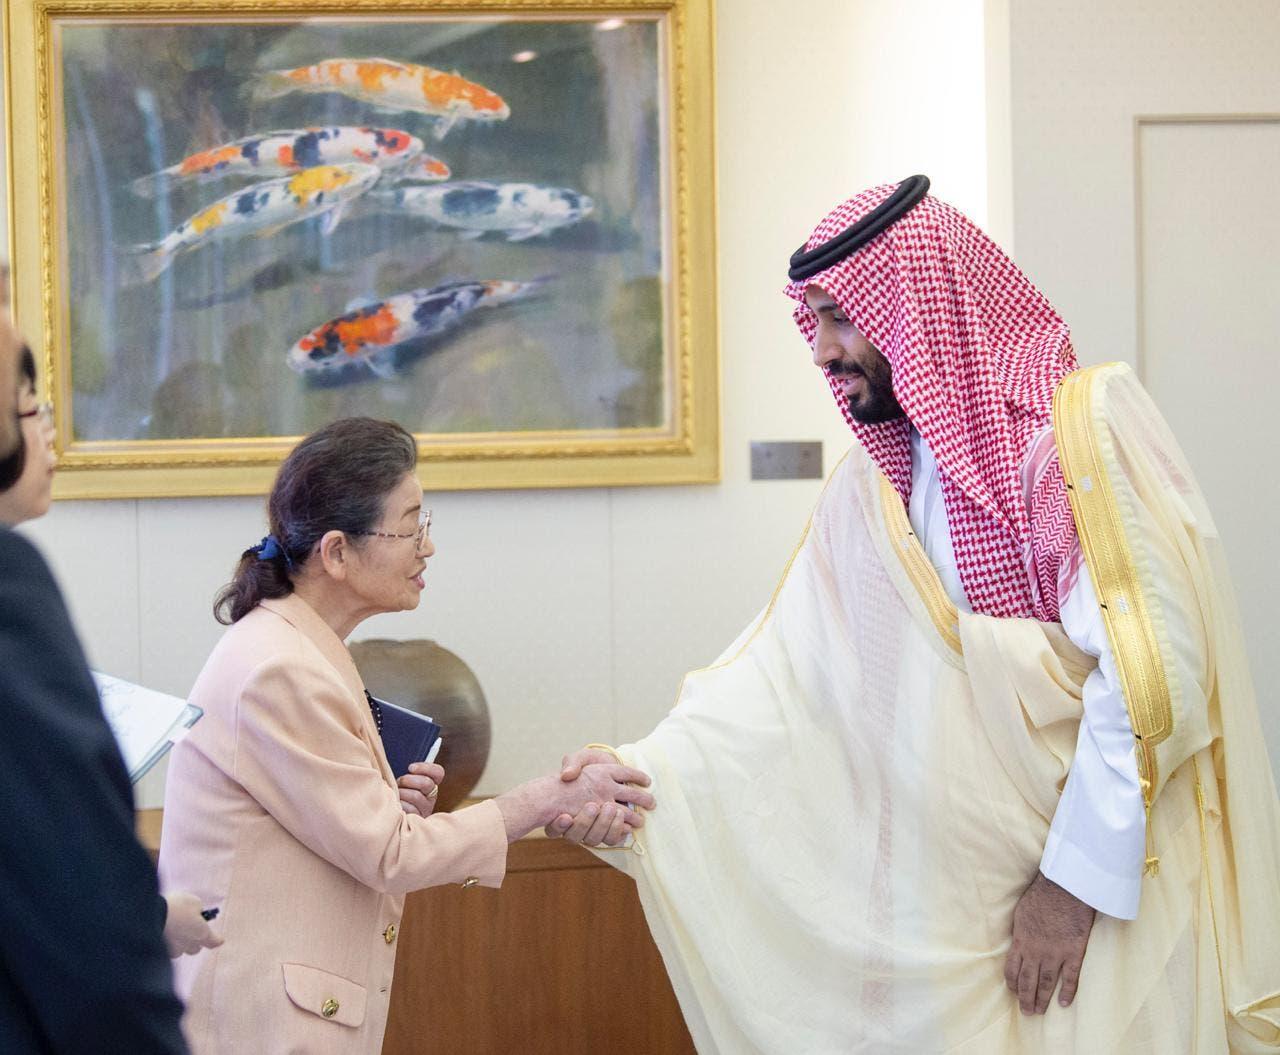 محمد بن سلمان يستقبل المرأة اليابانية التي شهدت سقوط قنبلة هيروشيما